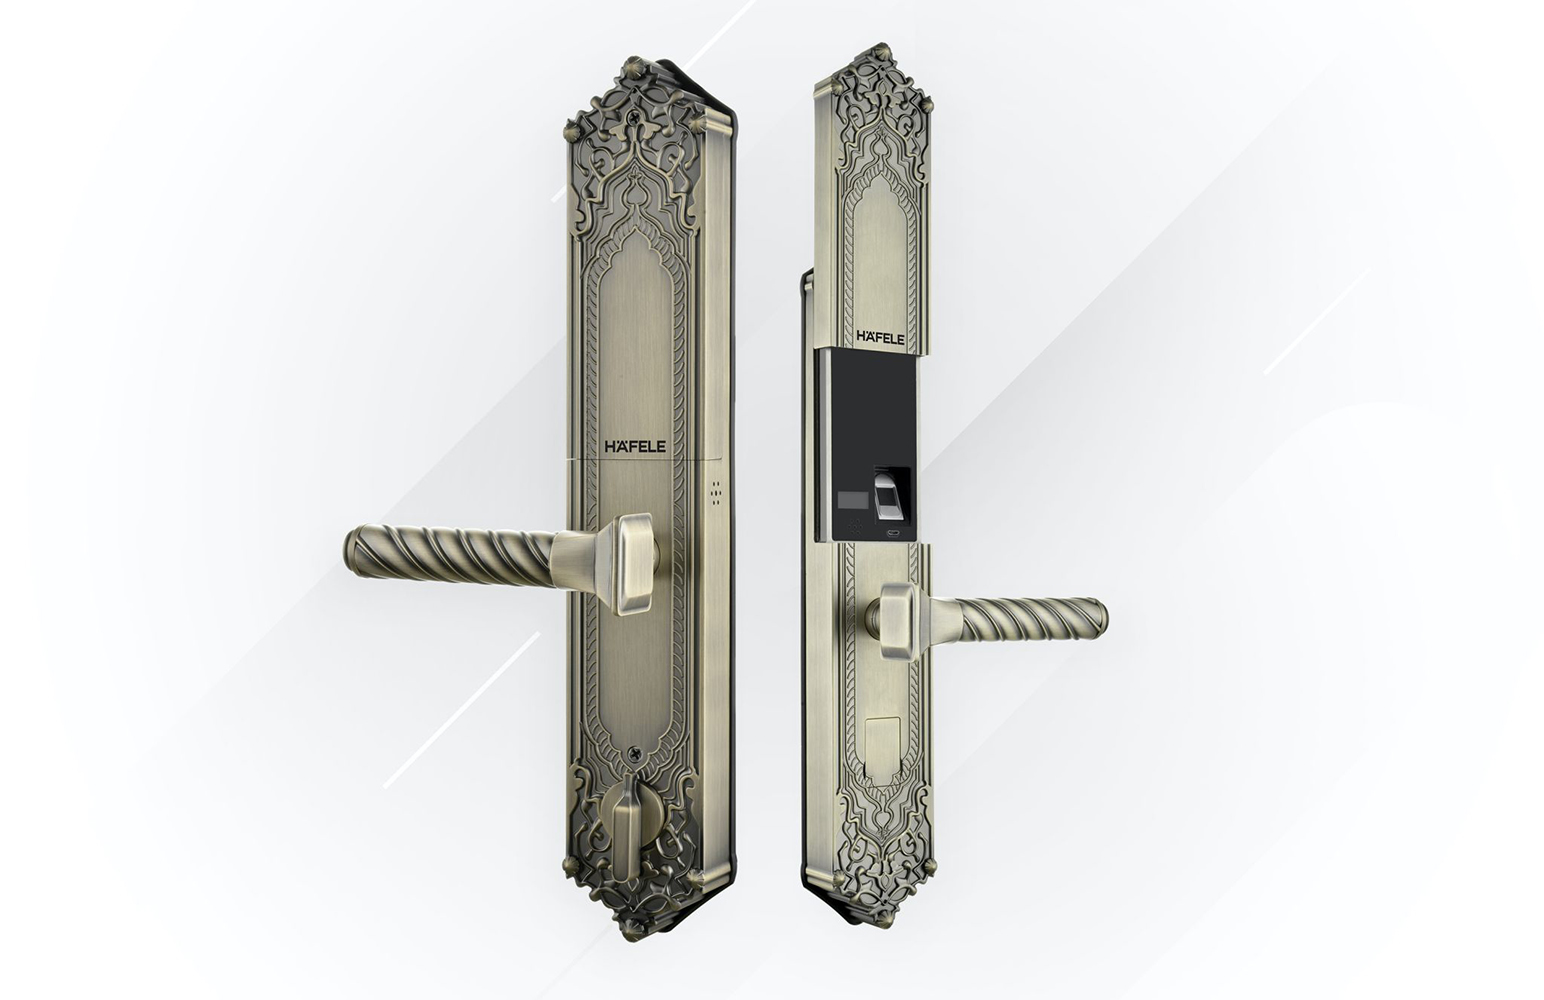 Khóa EL10K của Häfele với màu đồng và thiết kế giả cổ là lựa chọn lý tưởng của các ngôi nhà theo phong cách kiến trúc cổ điển